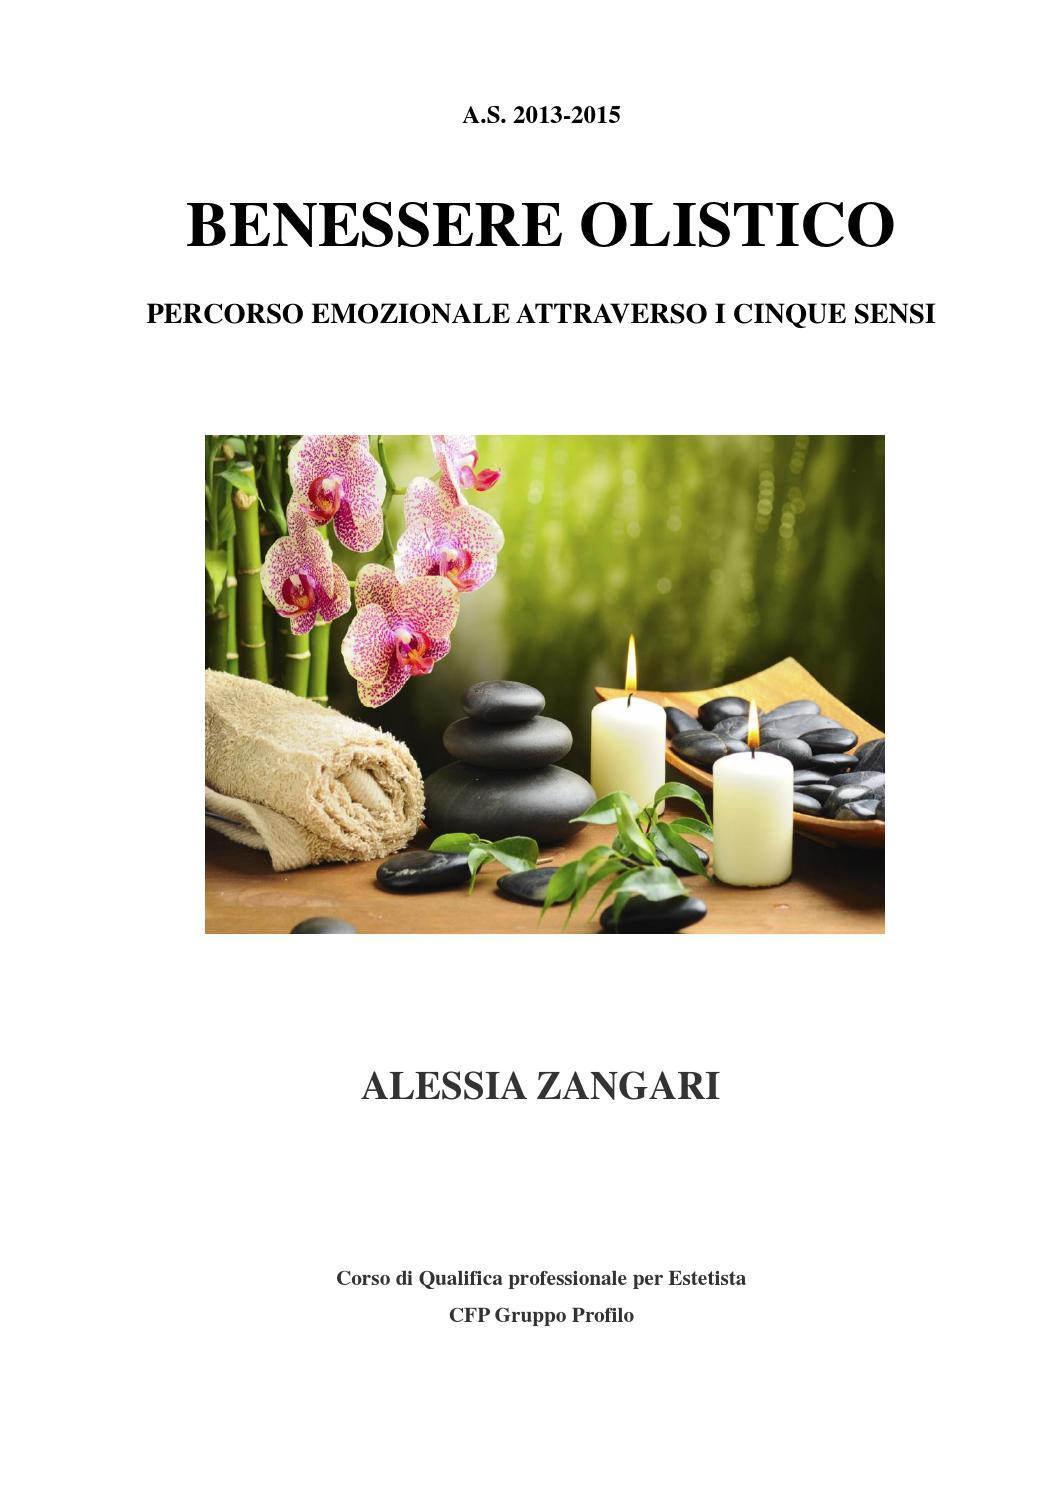 Tesina Benessere Olistico Percorso Emozionale Attraverso I Cinque Sensi Alessia Zangari By Sara Profilo Issuu